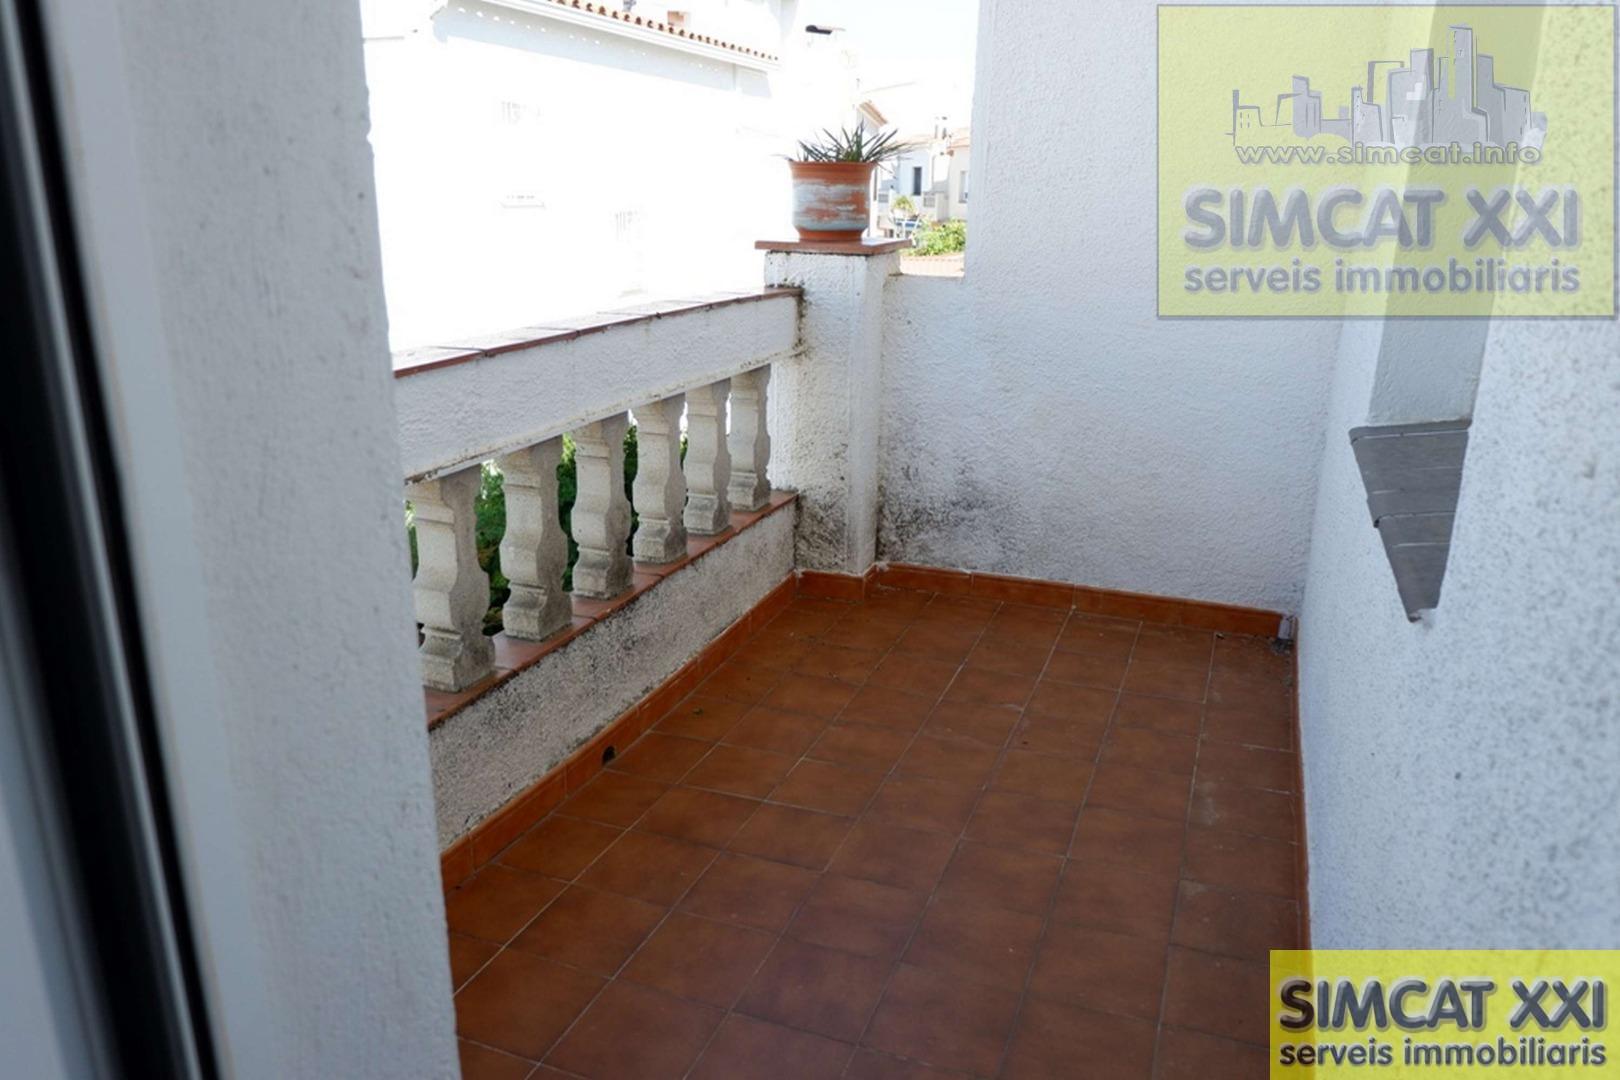 Vente de maison dans Castelló d Empúries